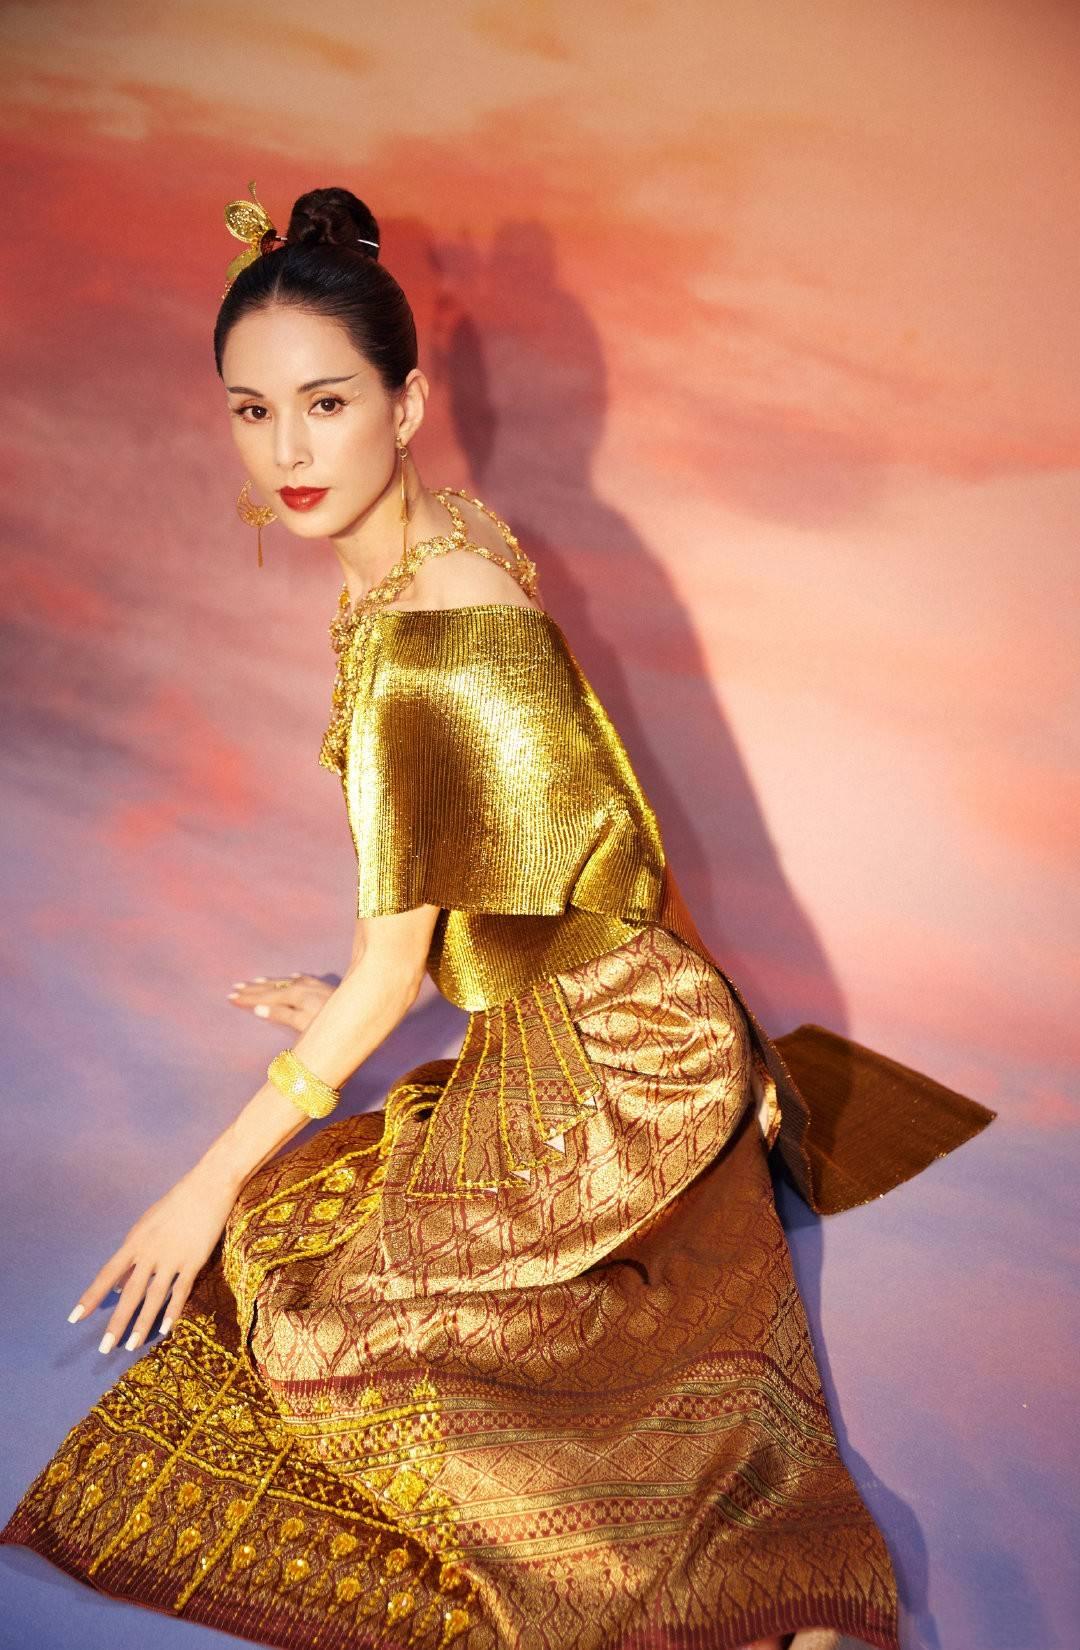 李若彤的身材管理太惊人了,马甲线、腹肌好吸睛,简直是魔鬼身材